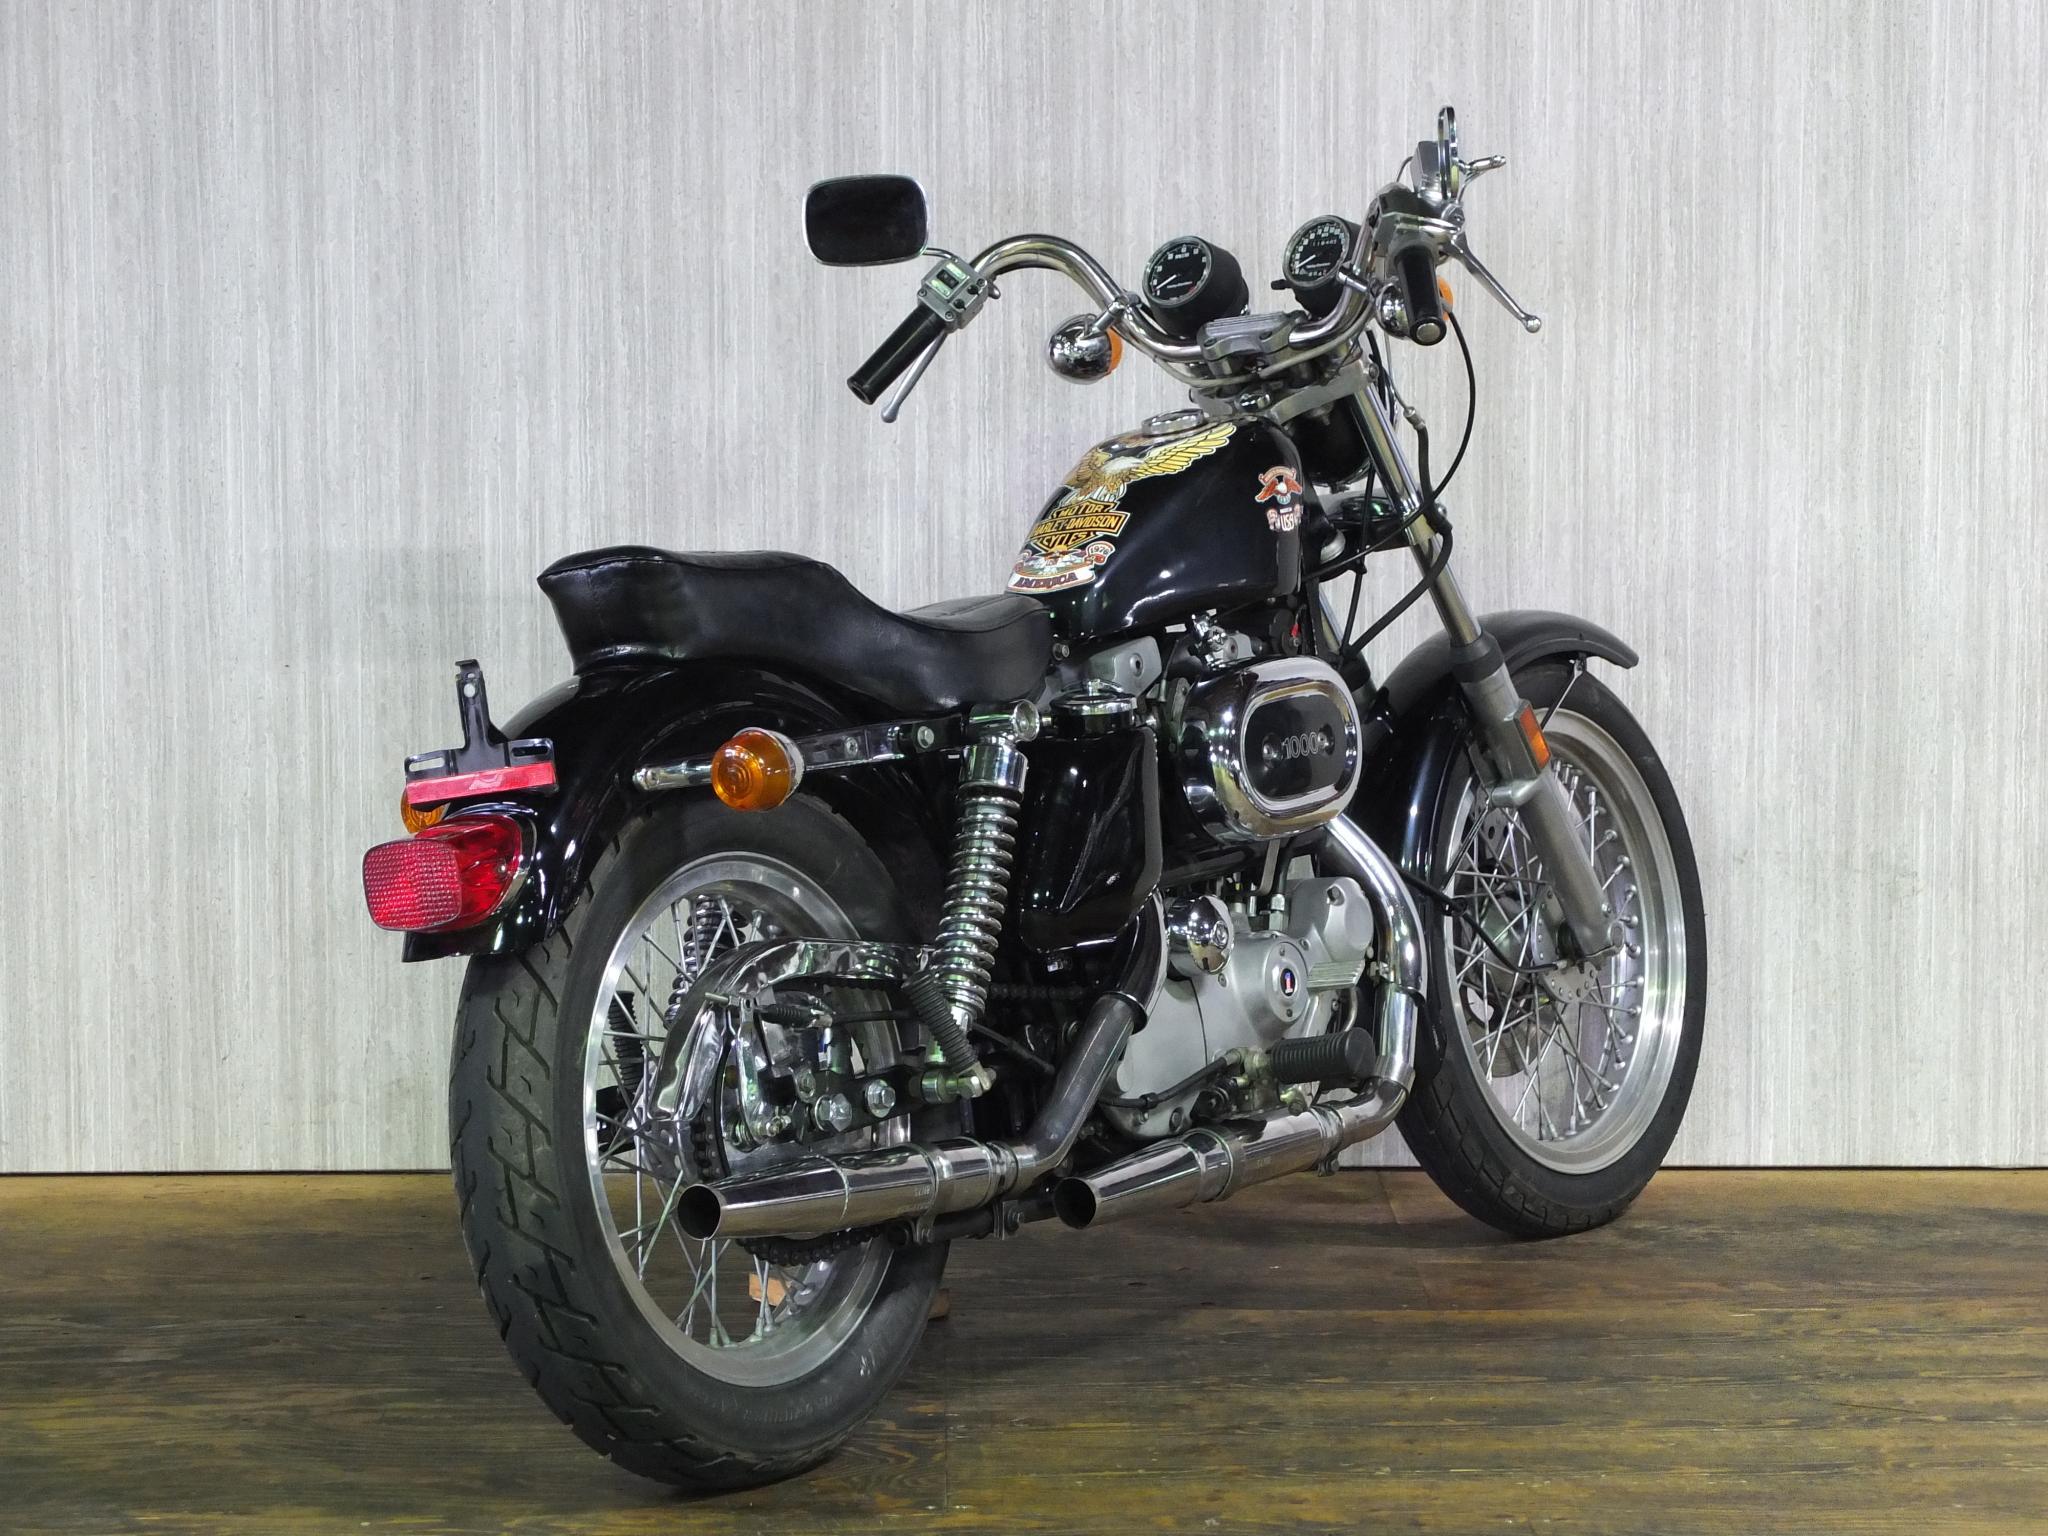 ハーレーダビッドソン 1976 XLH 1000 Bicentennial 車体写真3